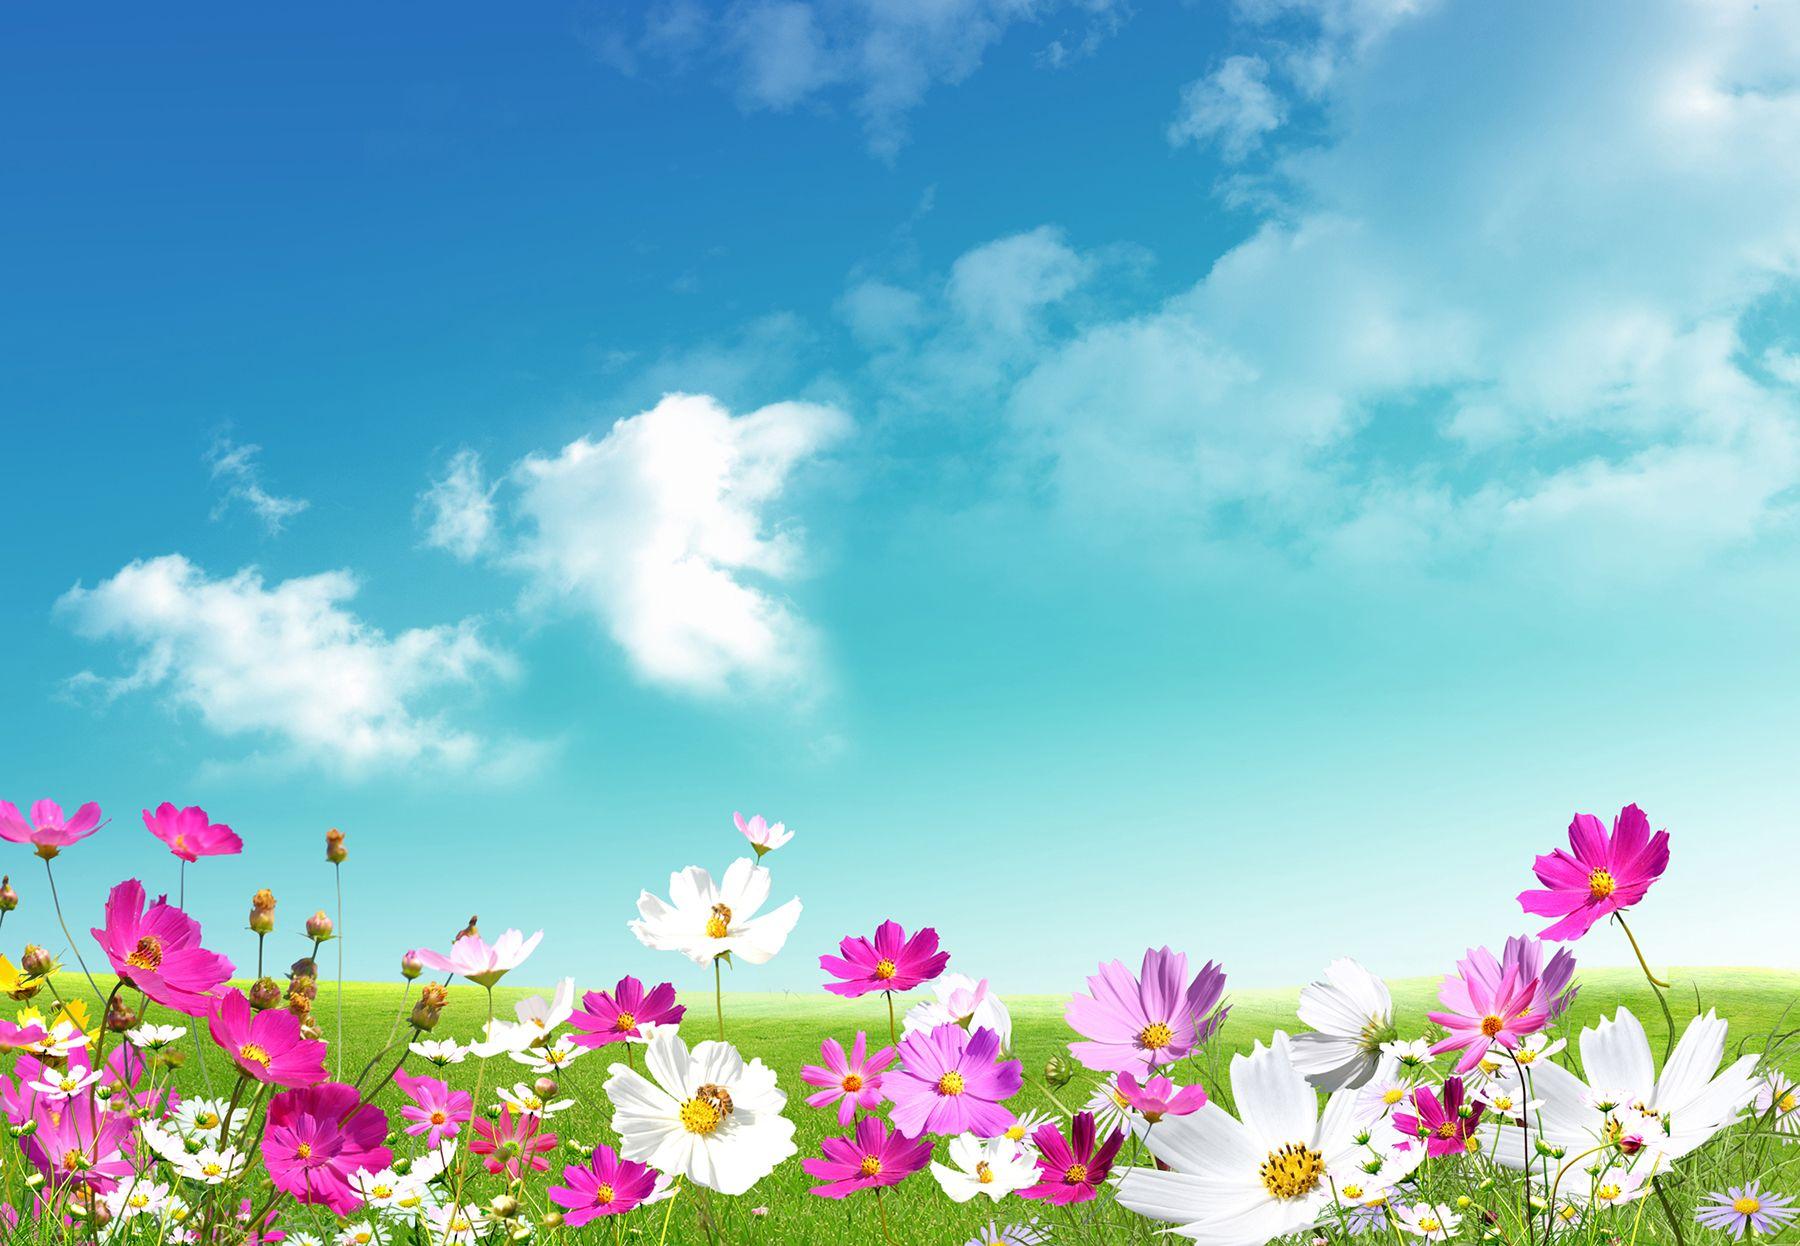 Spring Spring Desktop Wallpaper Nature Desktop Wallpaper Spring Wallpaper